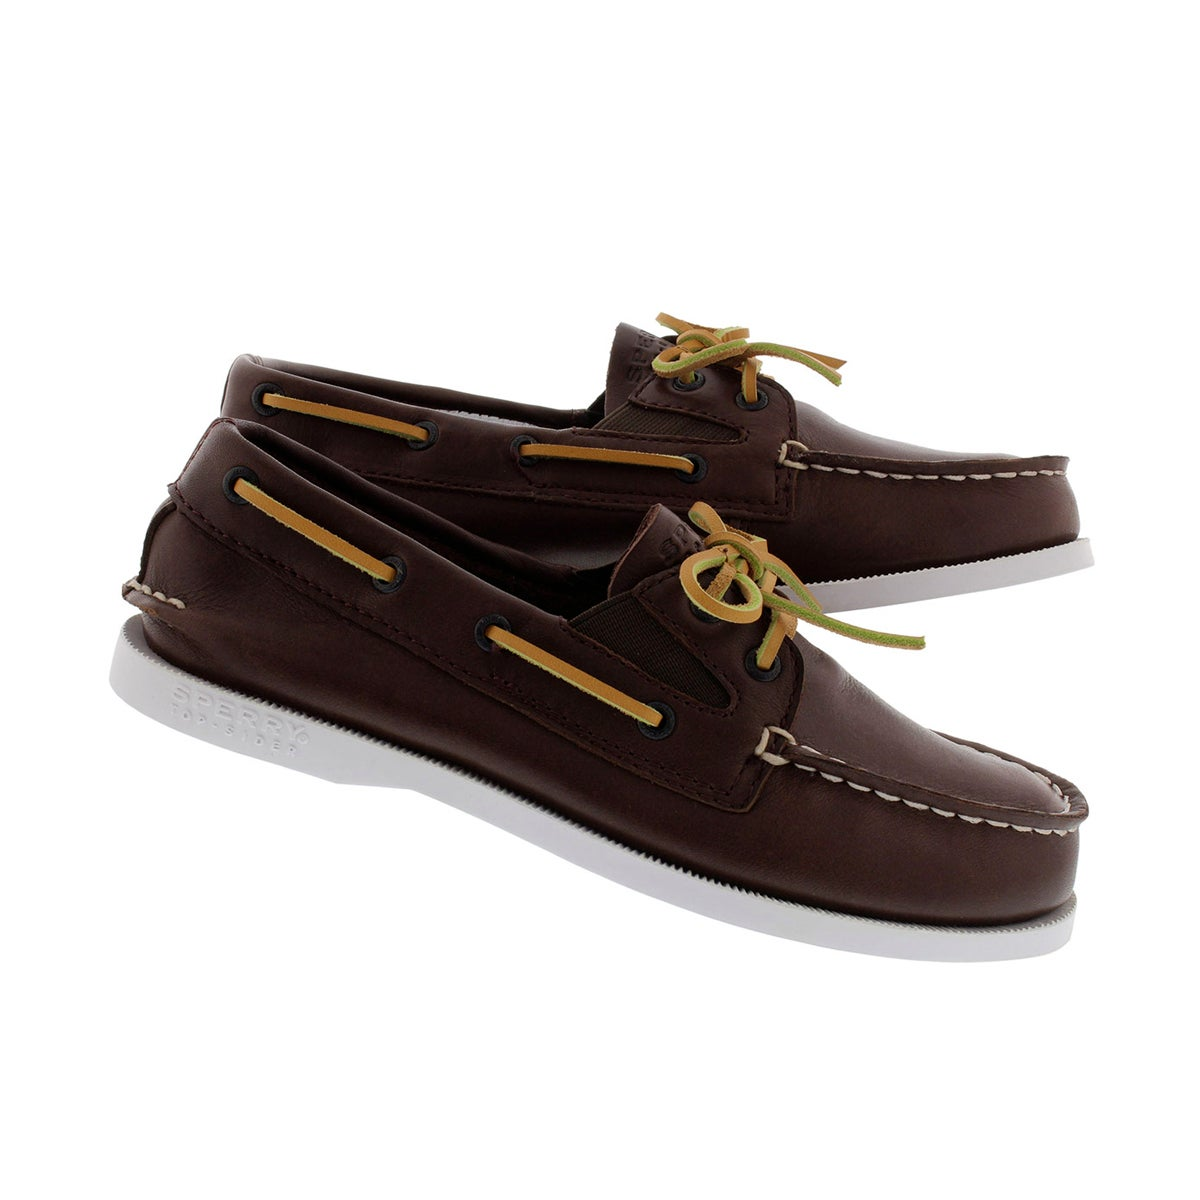 Chaussure bateau brun A/O SLIP ON, gar